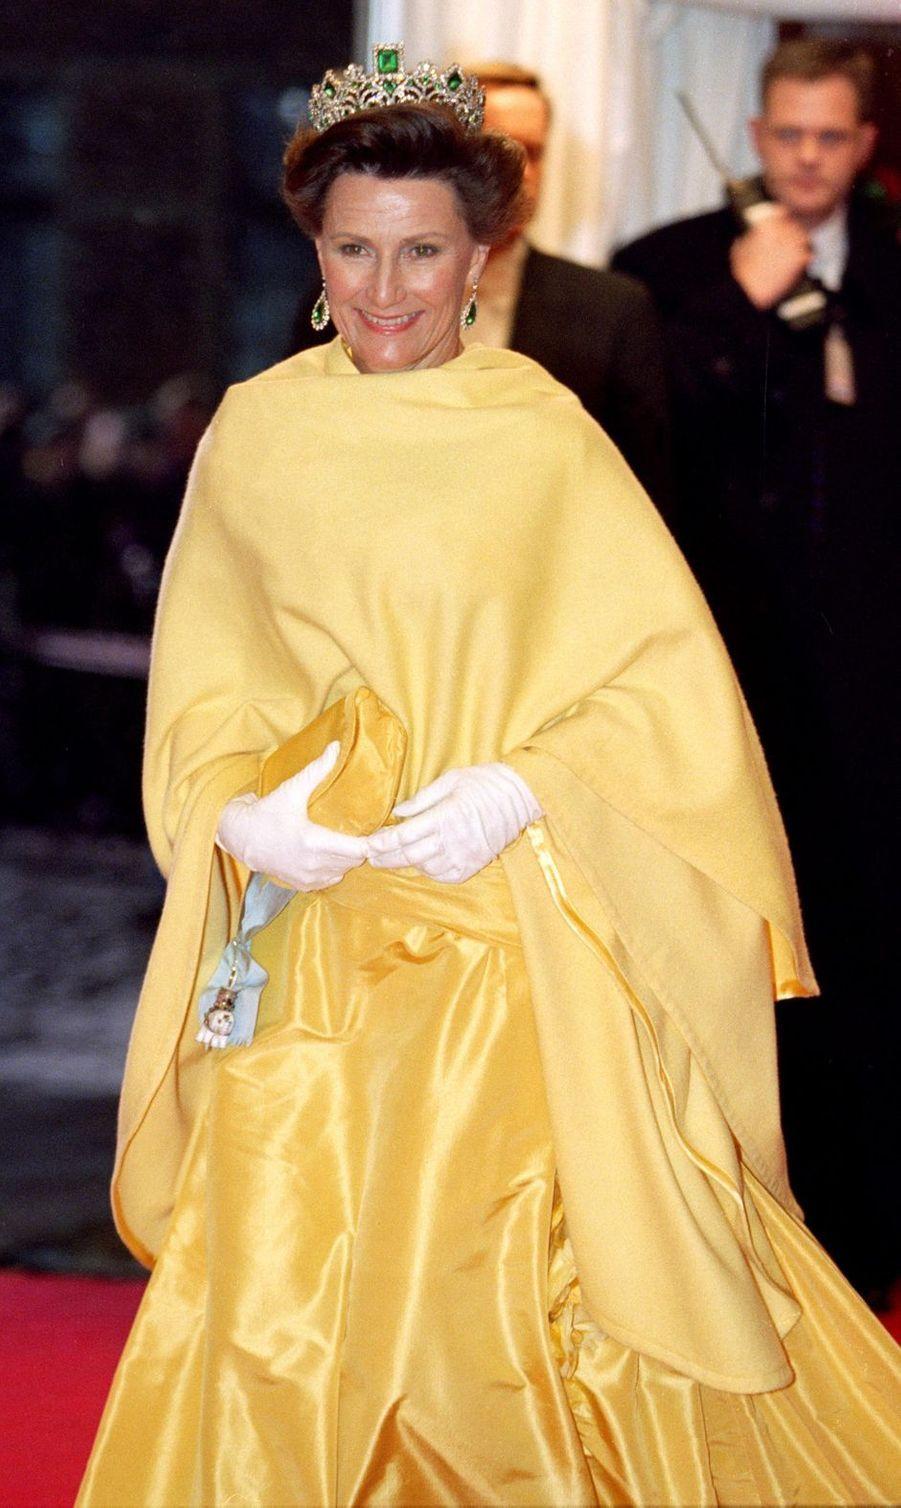 La reine Sonja de Norvège à Frederiksborg, le 18 novembre 1995